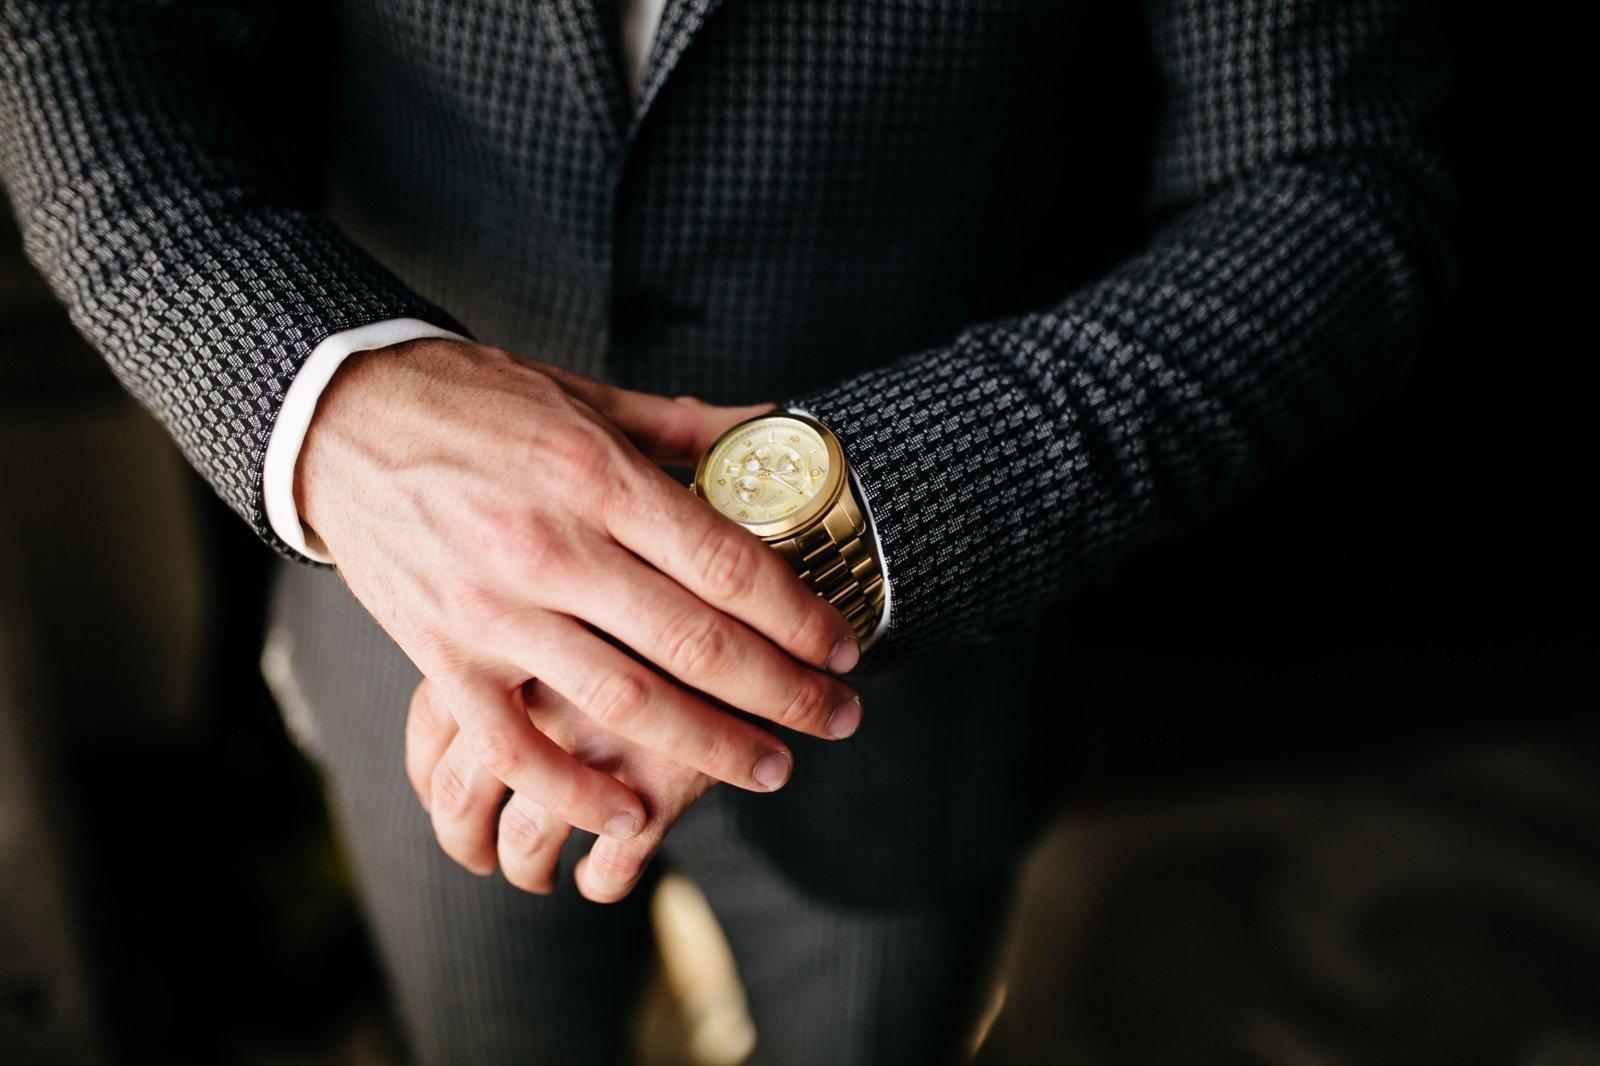 Iš įmonės kišenės – tūkstantinės sumos asmeniniams poreikiams ir pikantiški pirkiniai